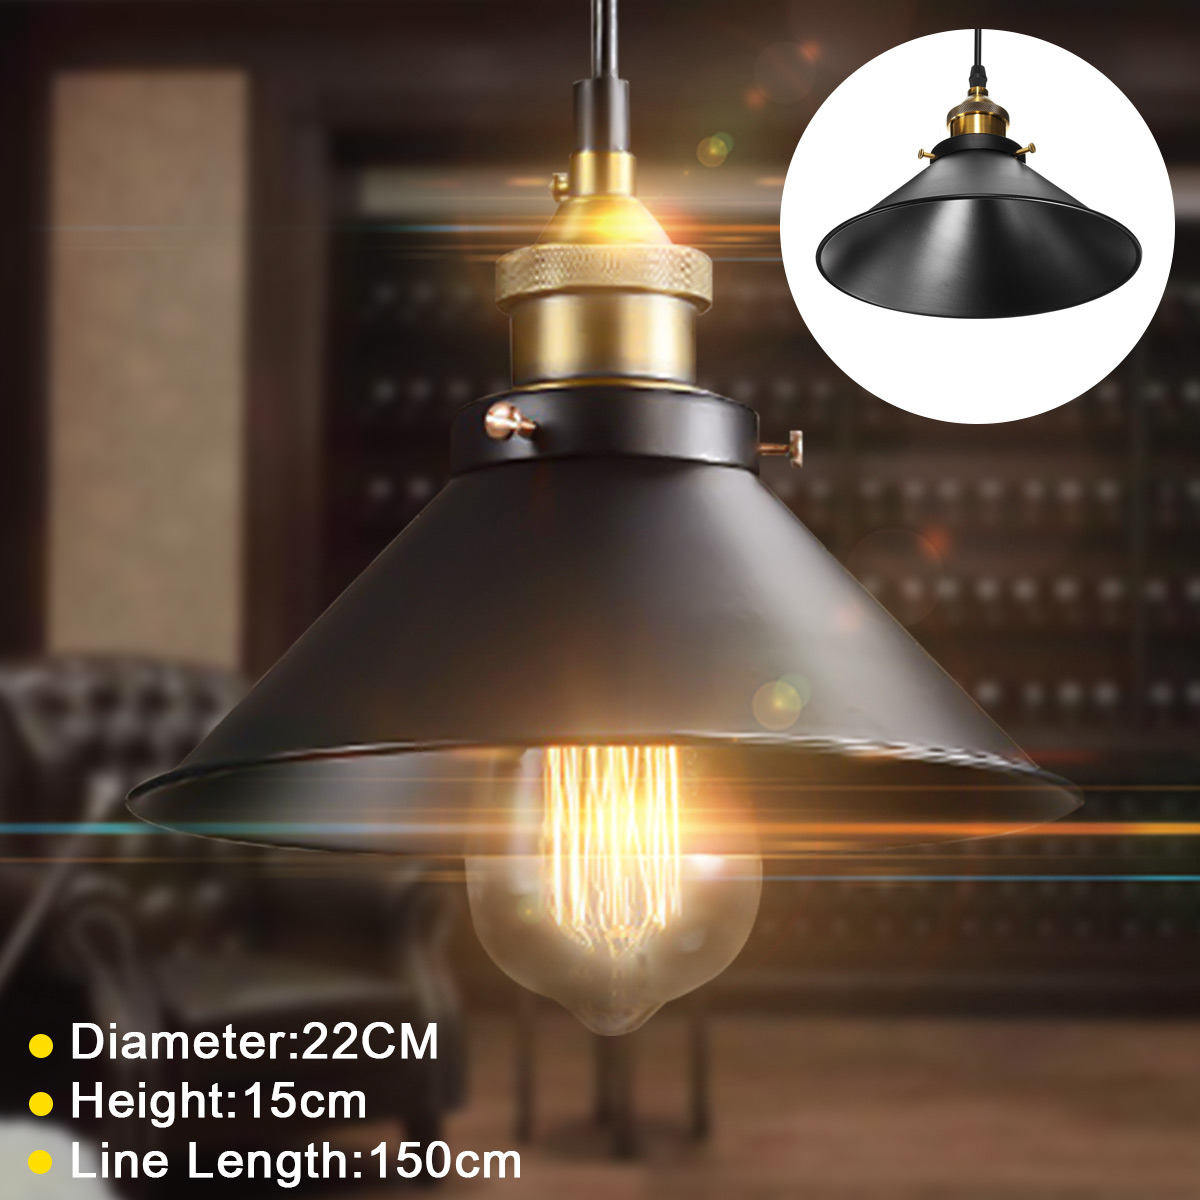 Vintage Techo Lámpara Retro Redonda Luz Diseño La HierroArquitecto Industrial De zqGSUMpV